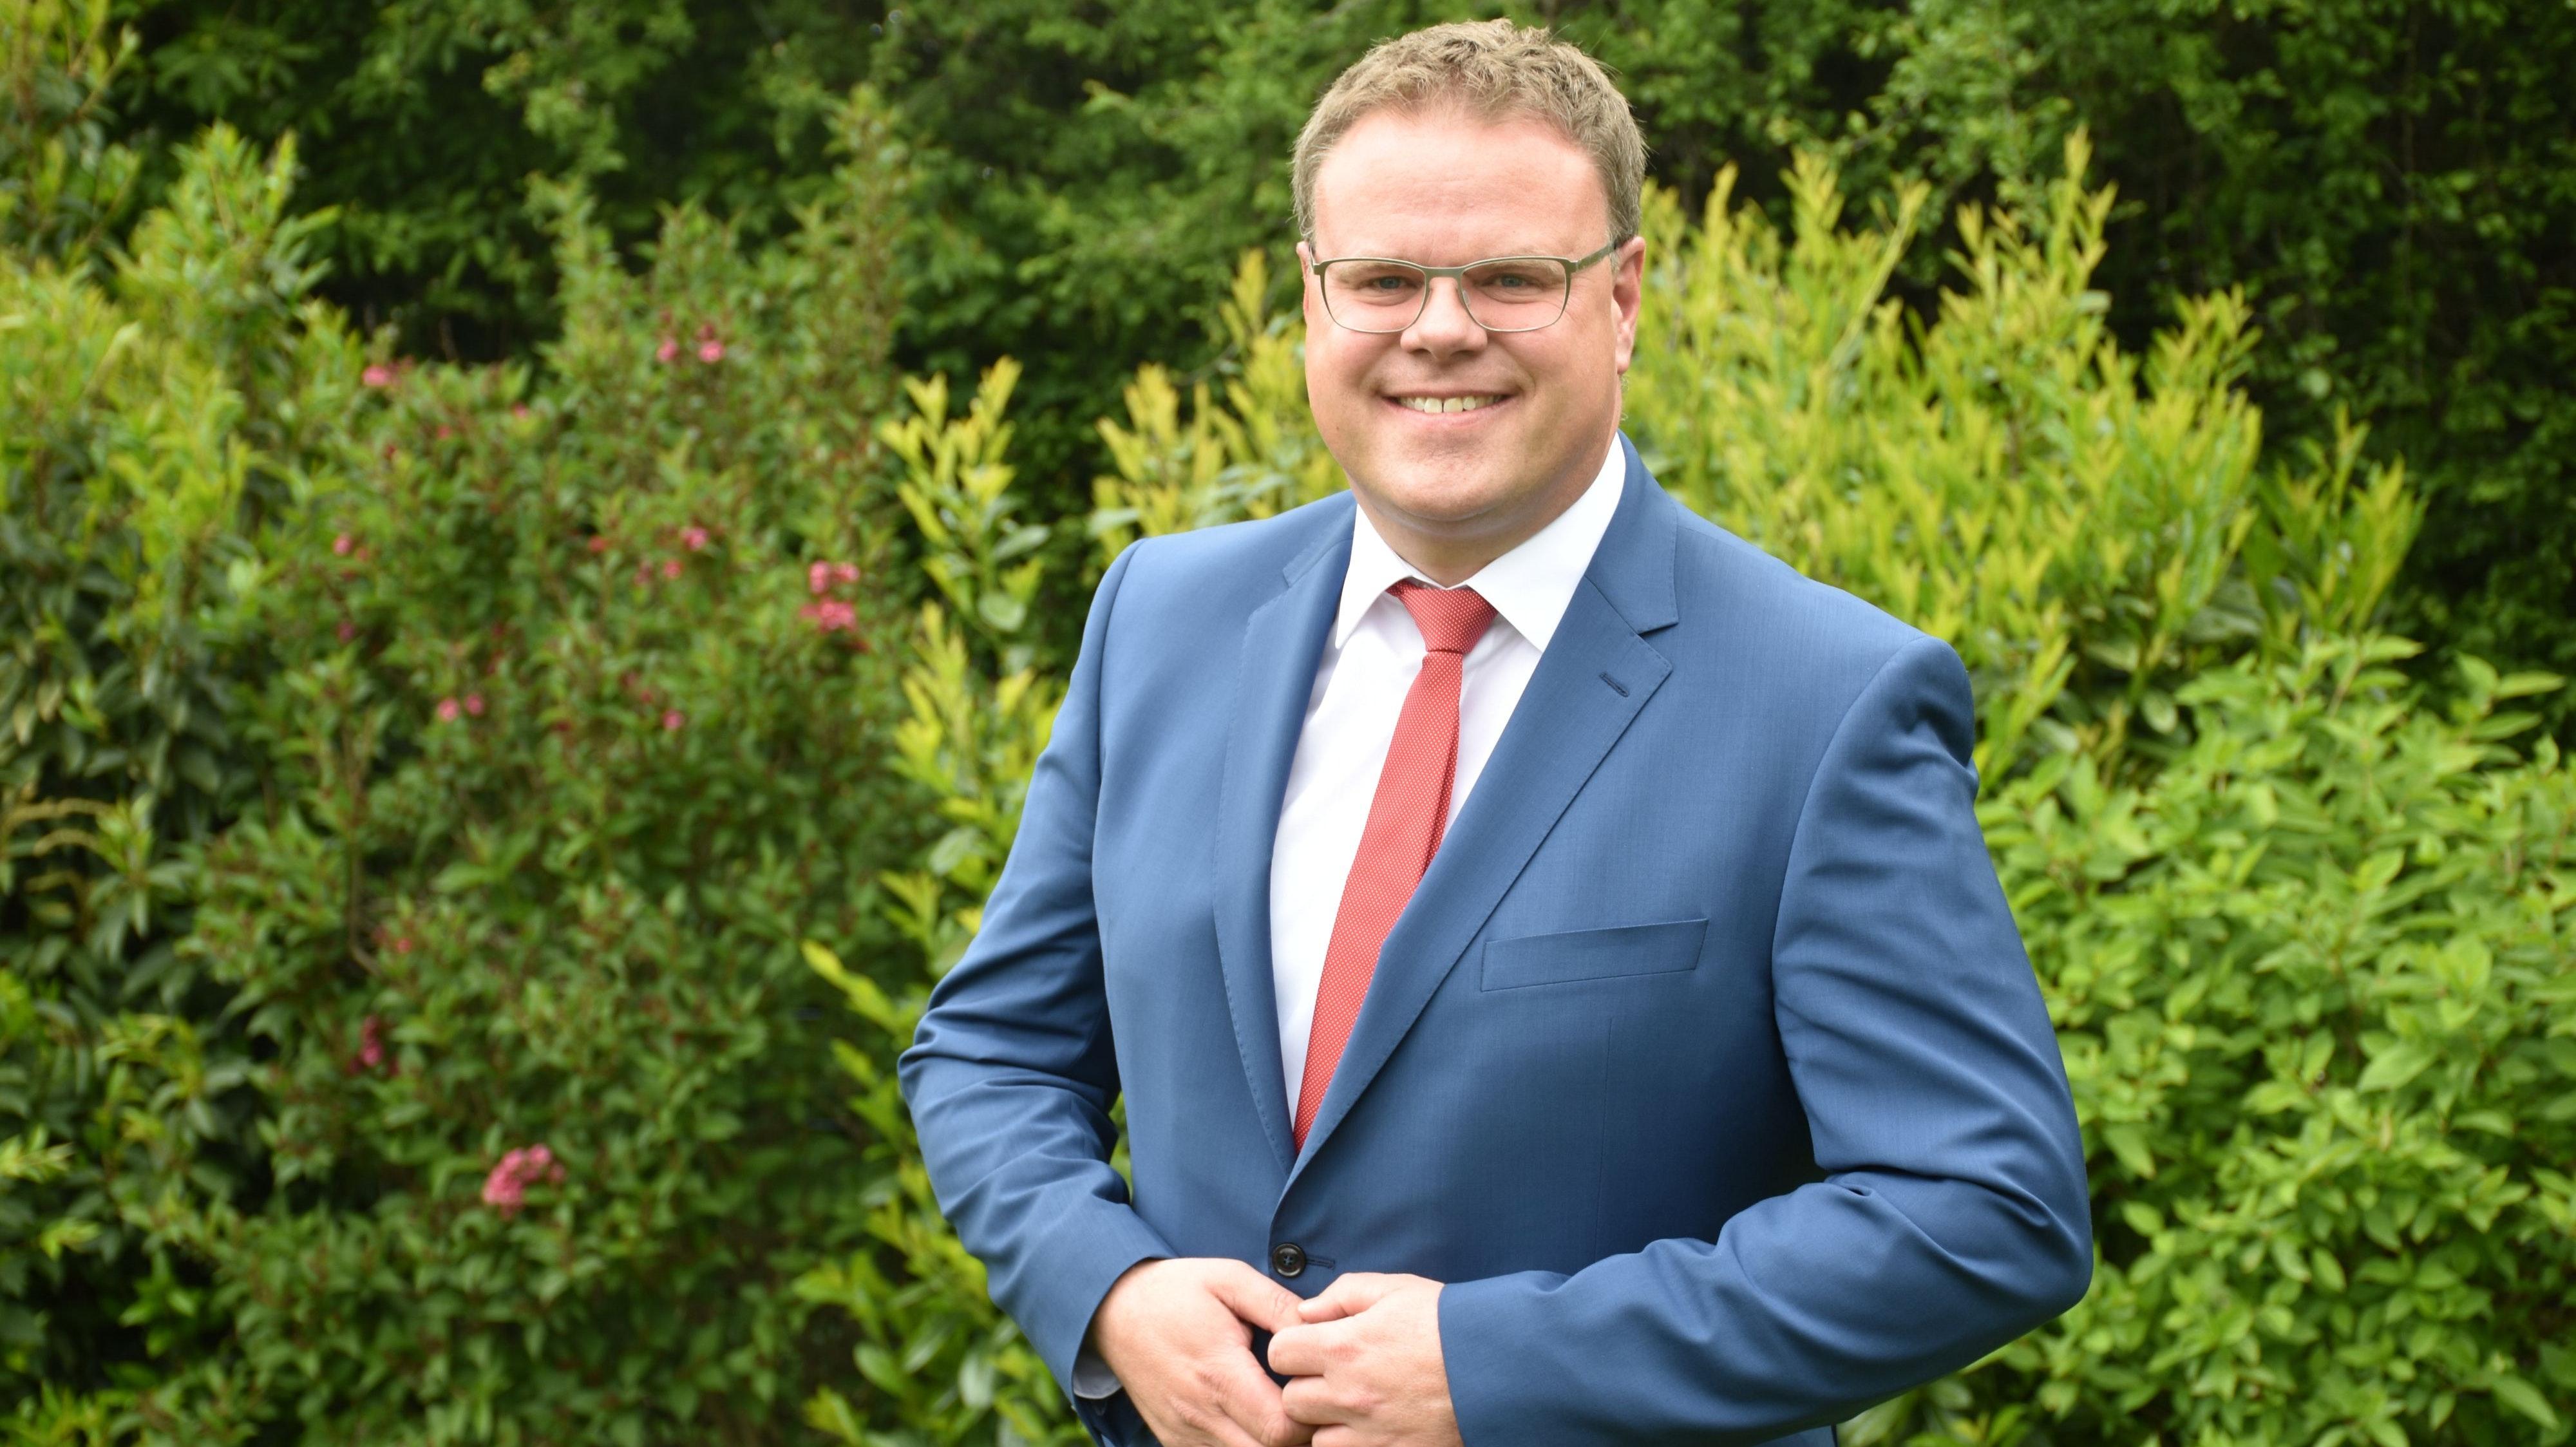 Bewirbt sich um die Nominierung für die Wahl des neuen Landrates durch die CDU: Tobias Gerdesmeyer, amtierender Bürgermeister der Stadt Lohne. Foto: Timphaus